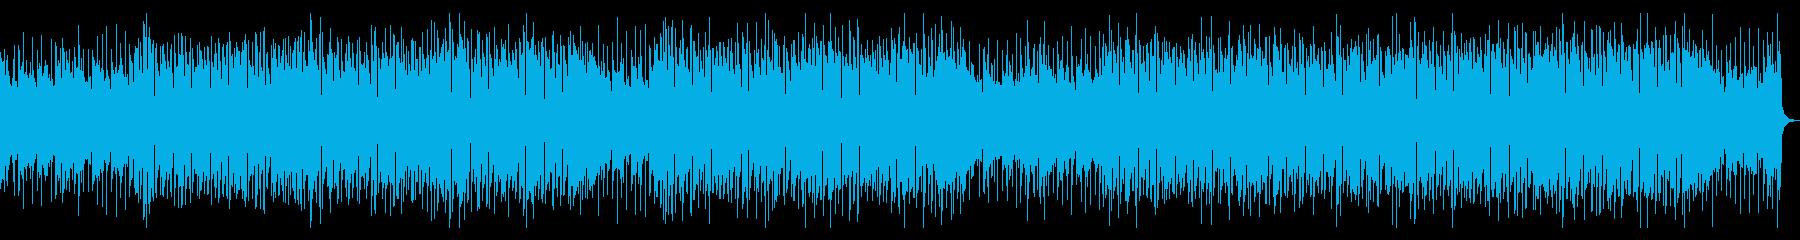 ポジティブなアコースティックギターBGMの再生済みの波形